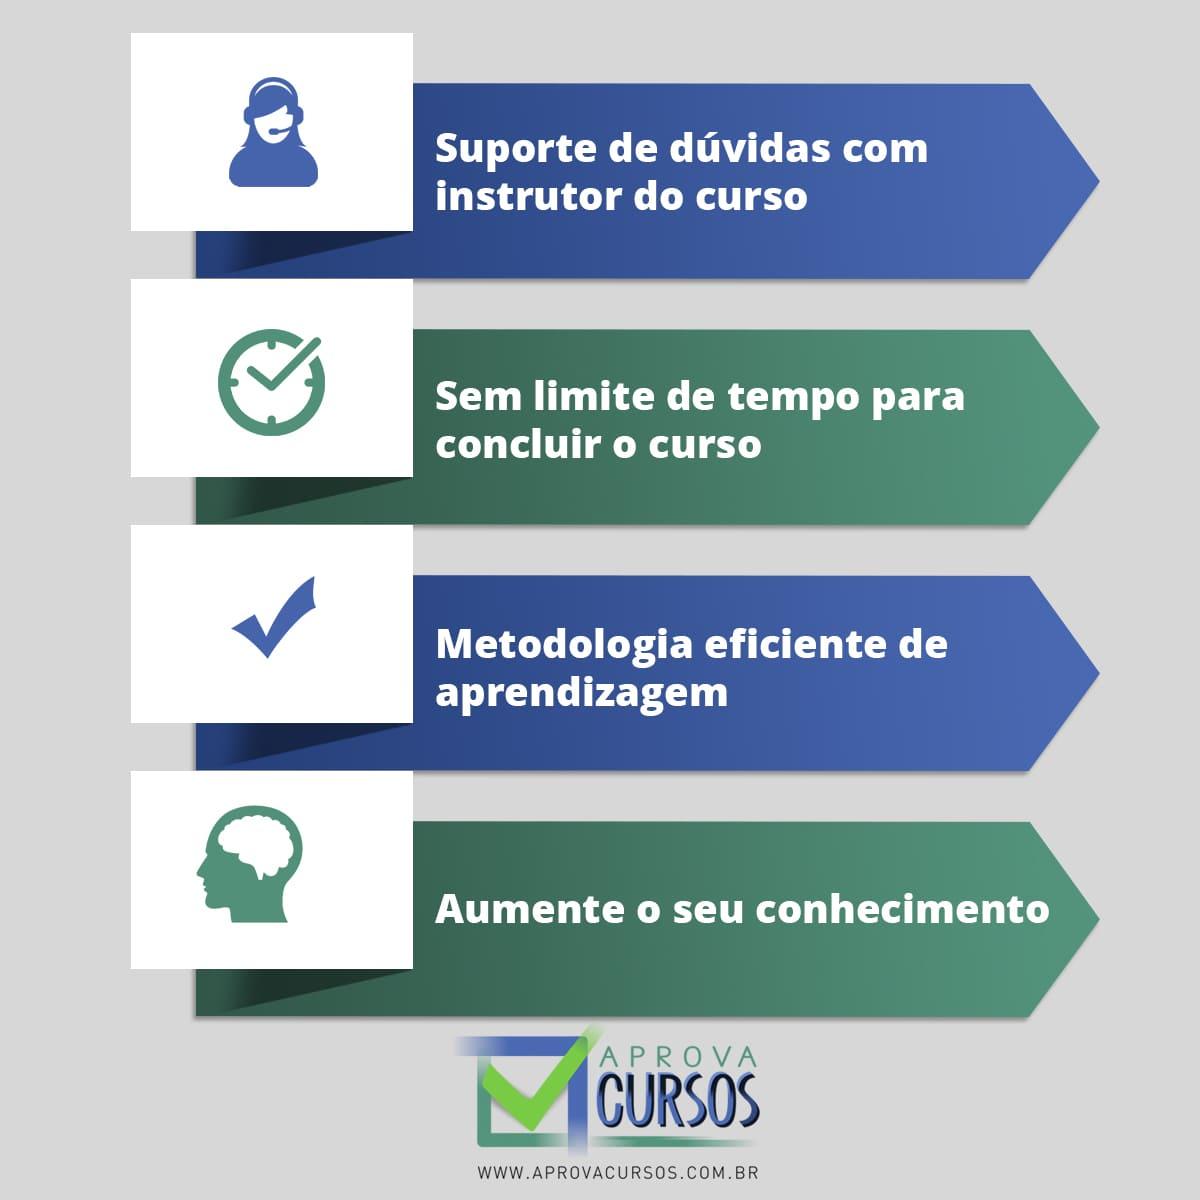 Curso Online Sobre o Trabalho do Assistente Social com Certificado  - Aprova Cursos